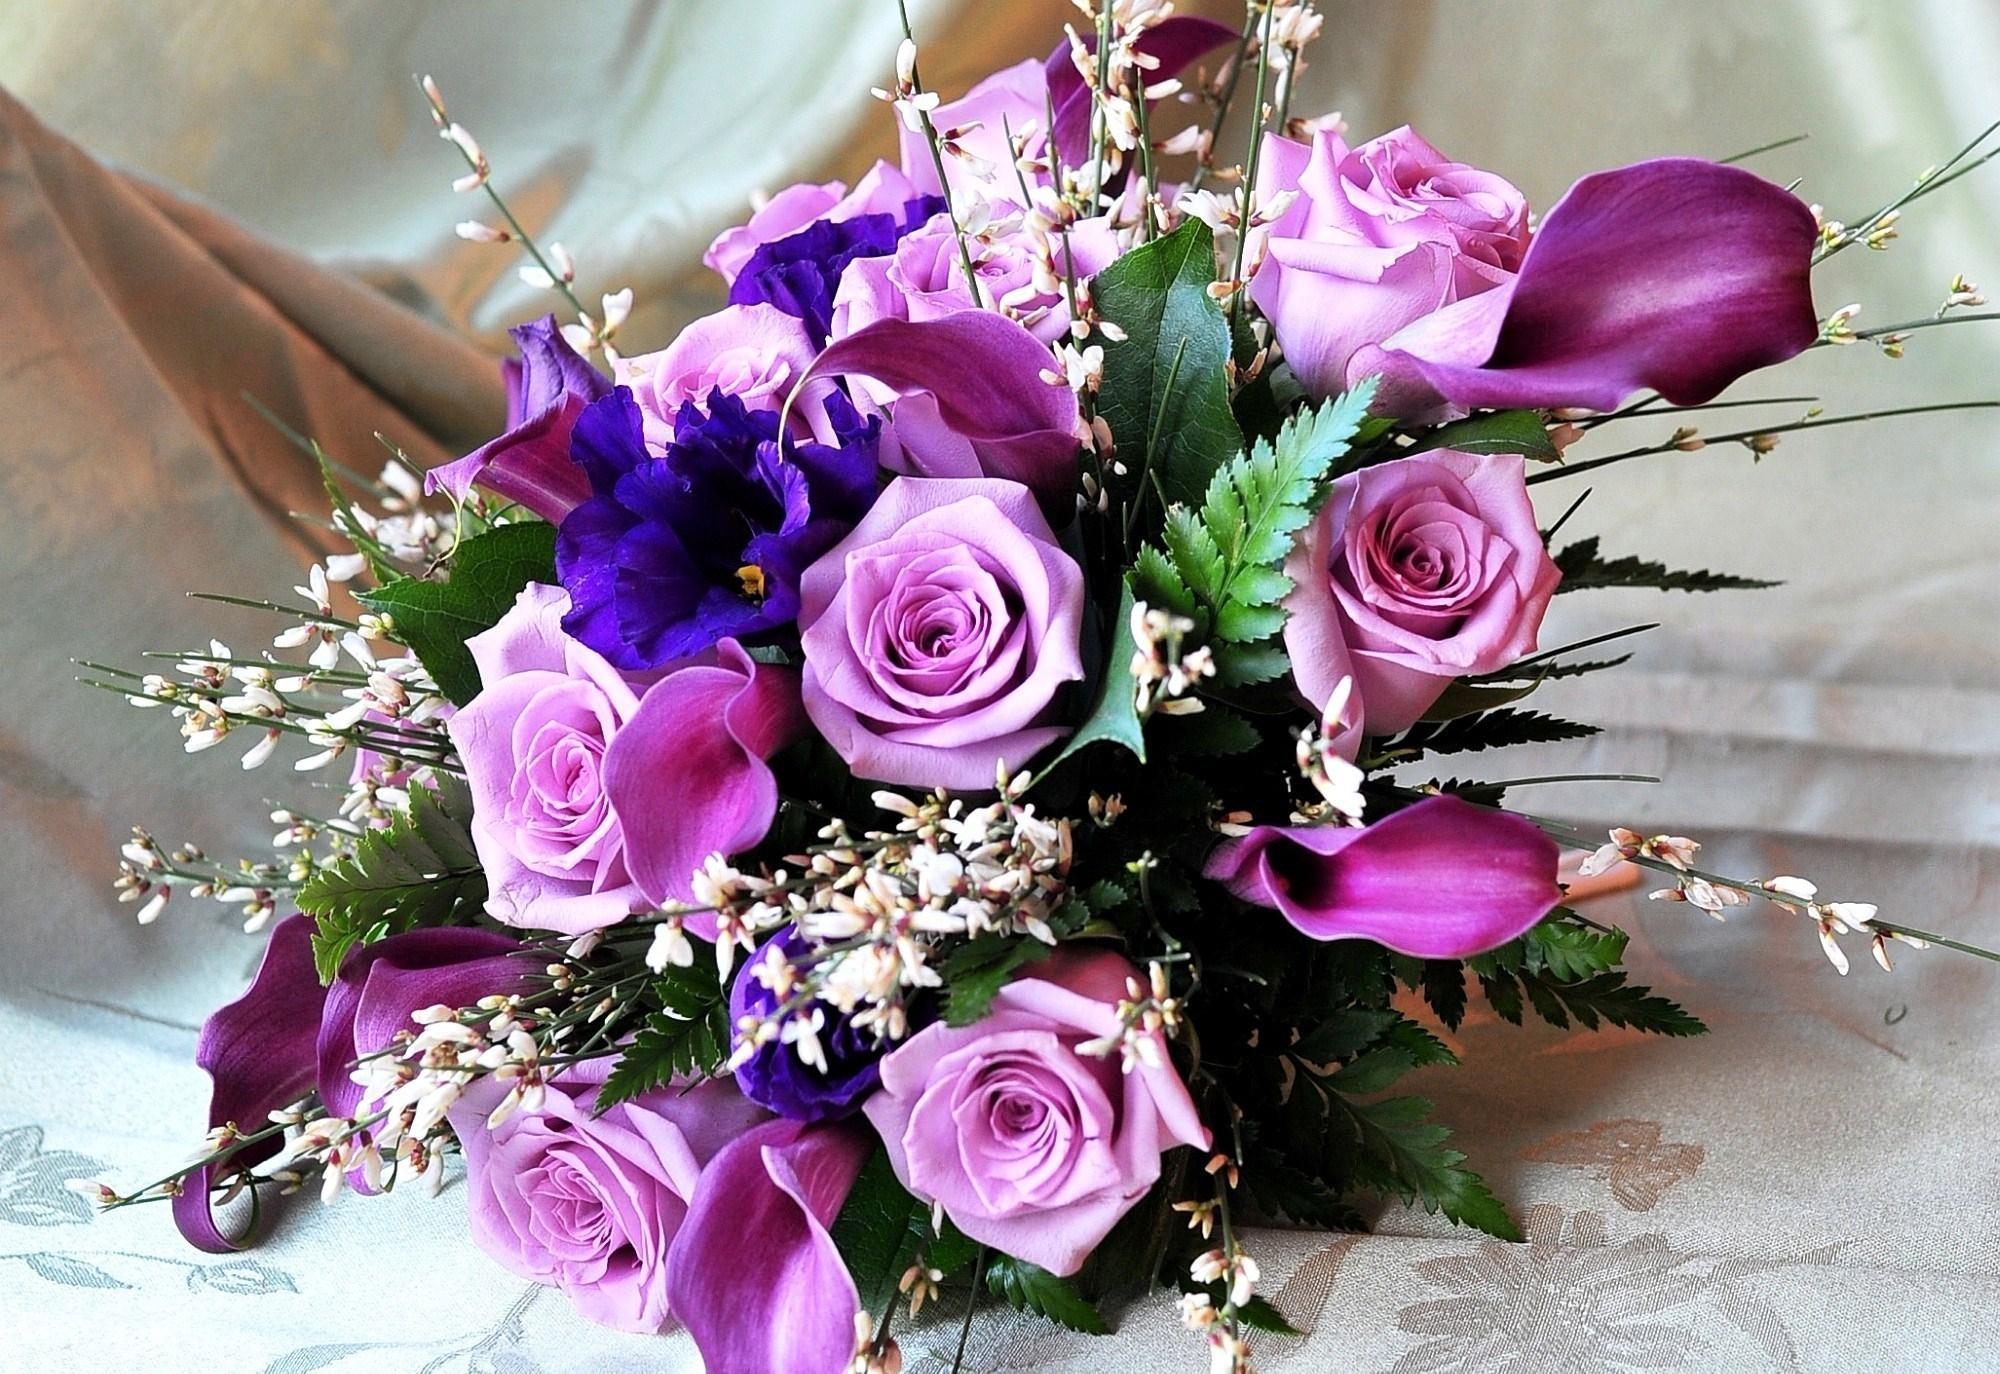 124365 Заставки и Обои Розы на телефон. Скачать Розы, Цветы, Листья, Оформление, Букет, Каллы картинки бесплатно